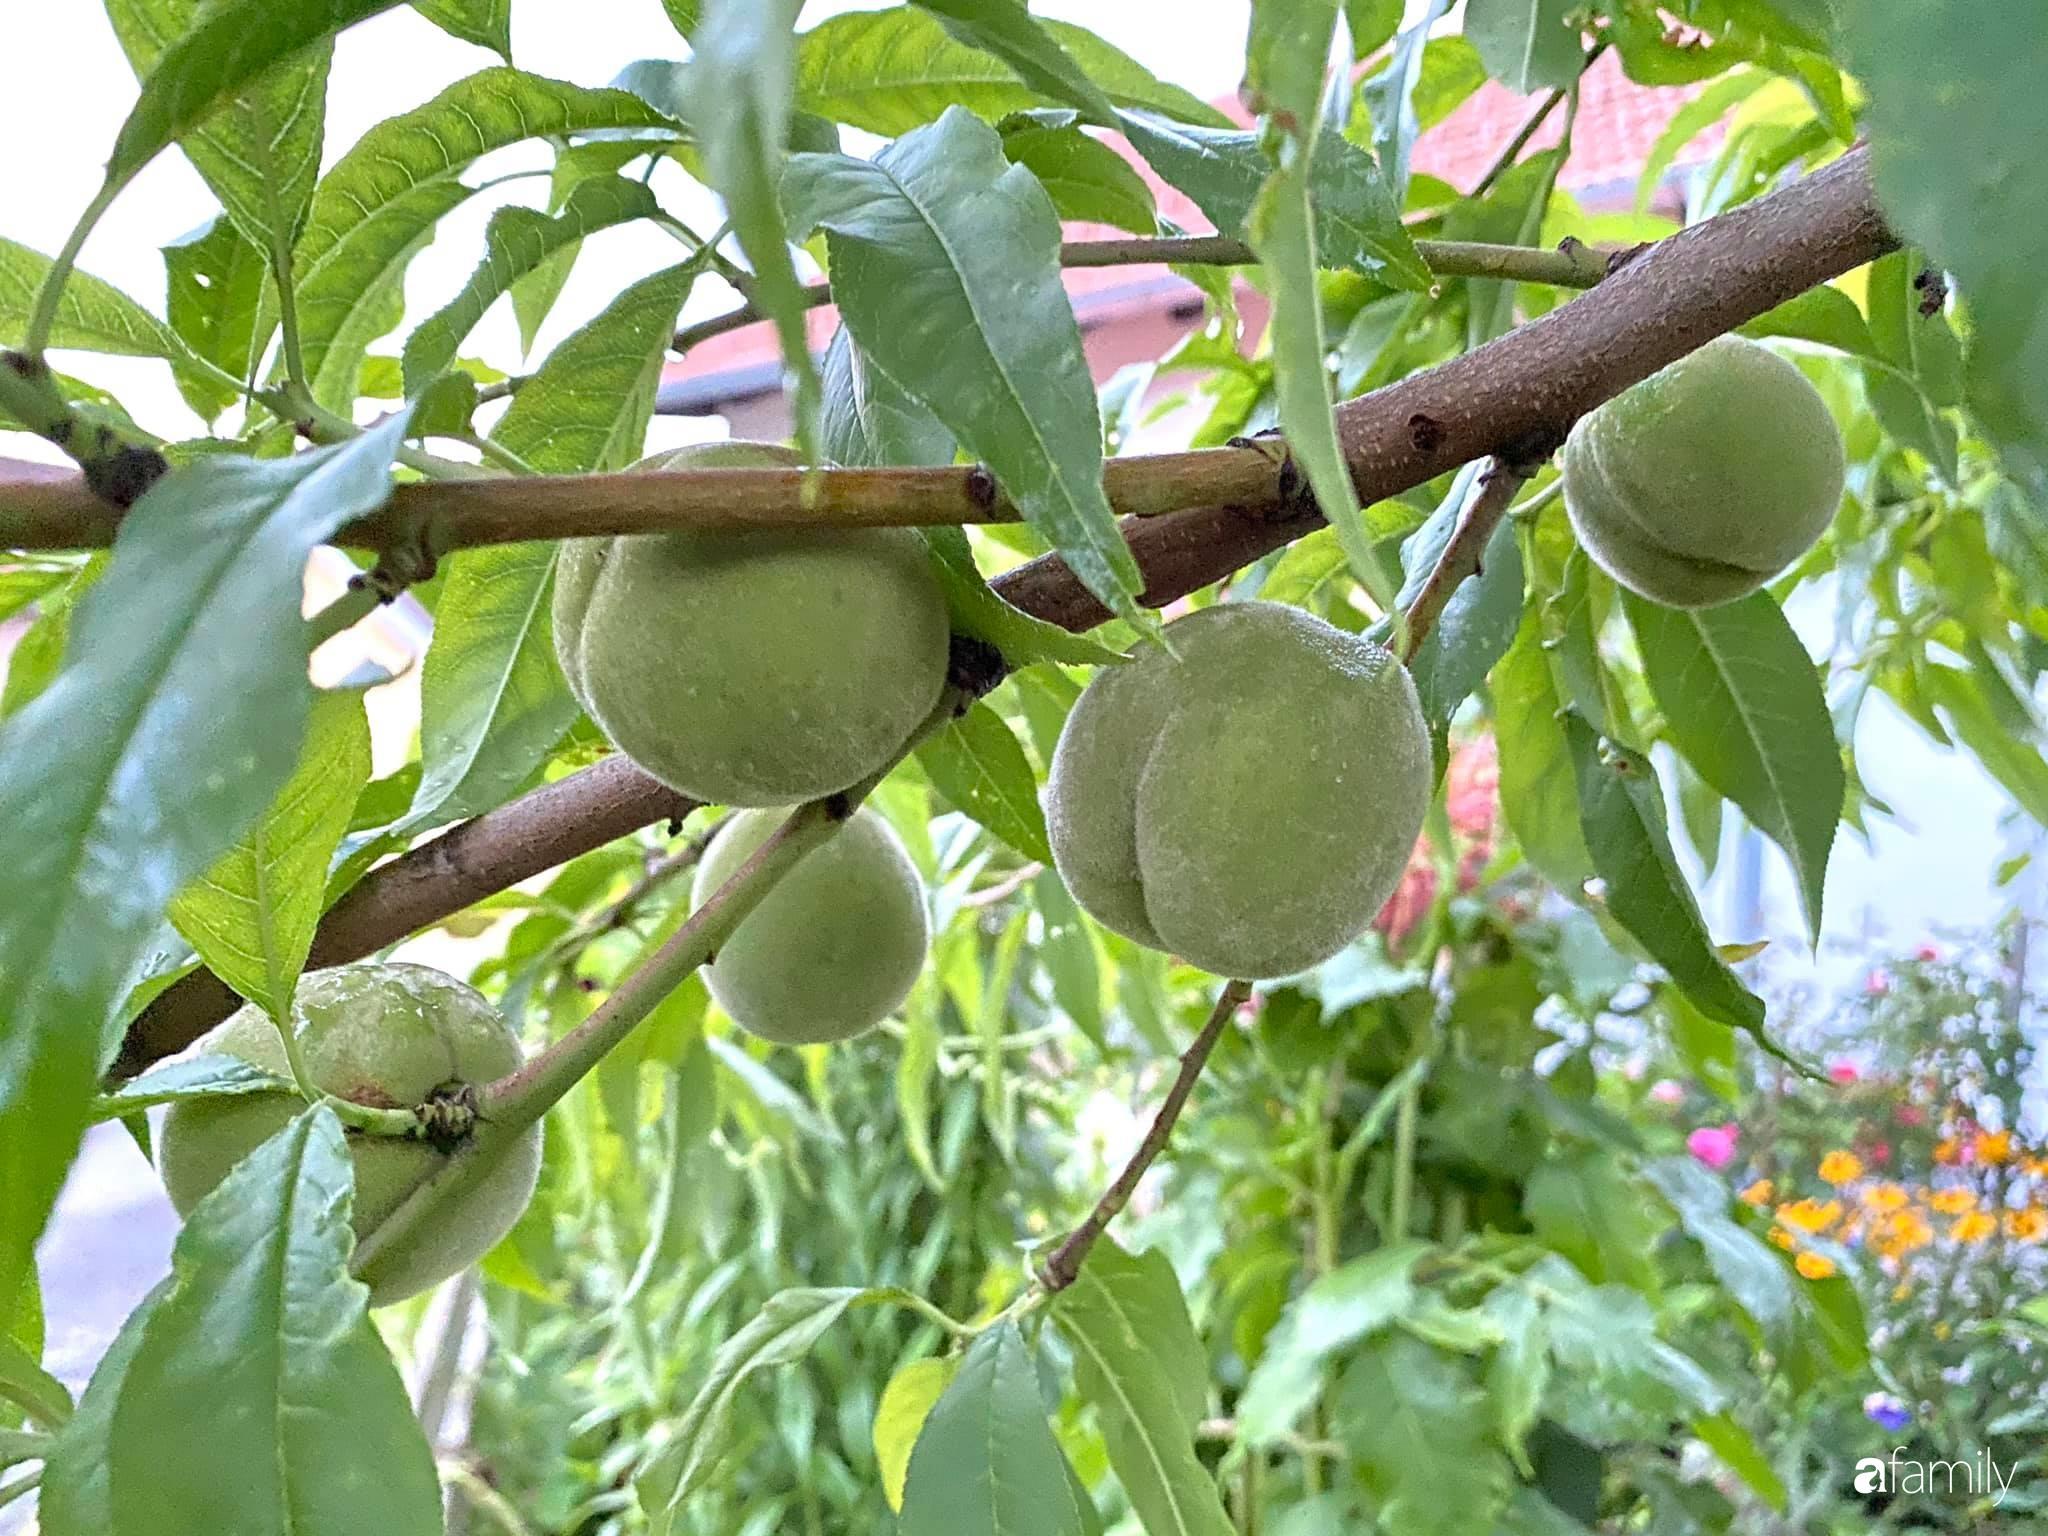 Khu vườn 200m² quanh năm xanh tươi với đủ loại rau quả sạch của mẹ Việt ở Đức - Ảnh 19.